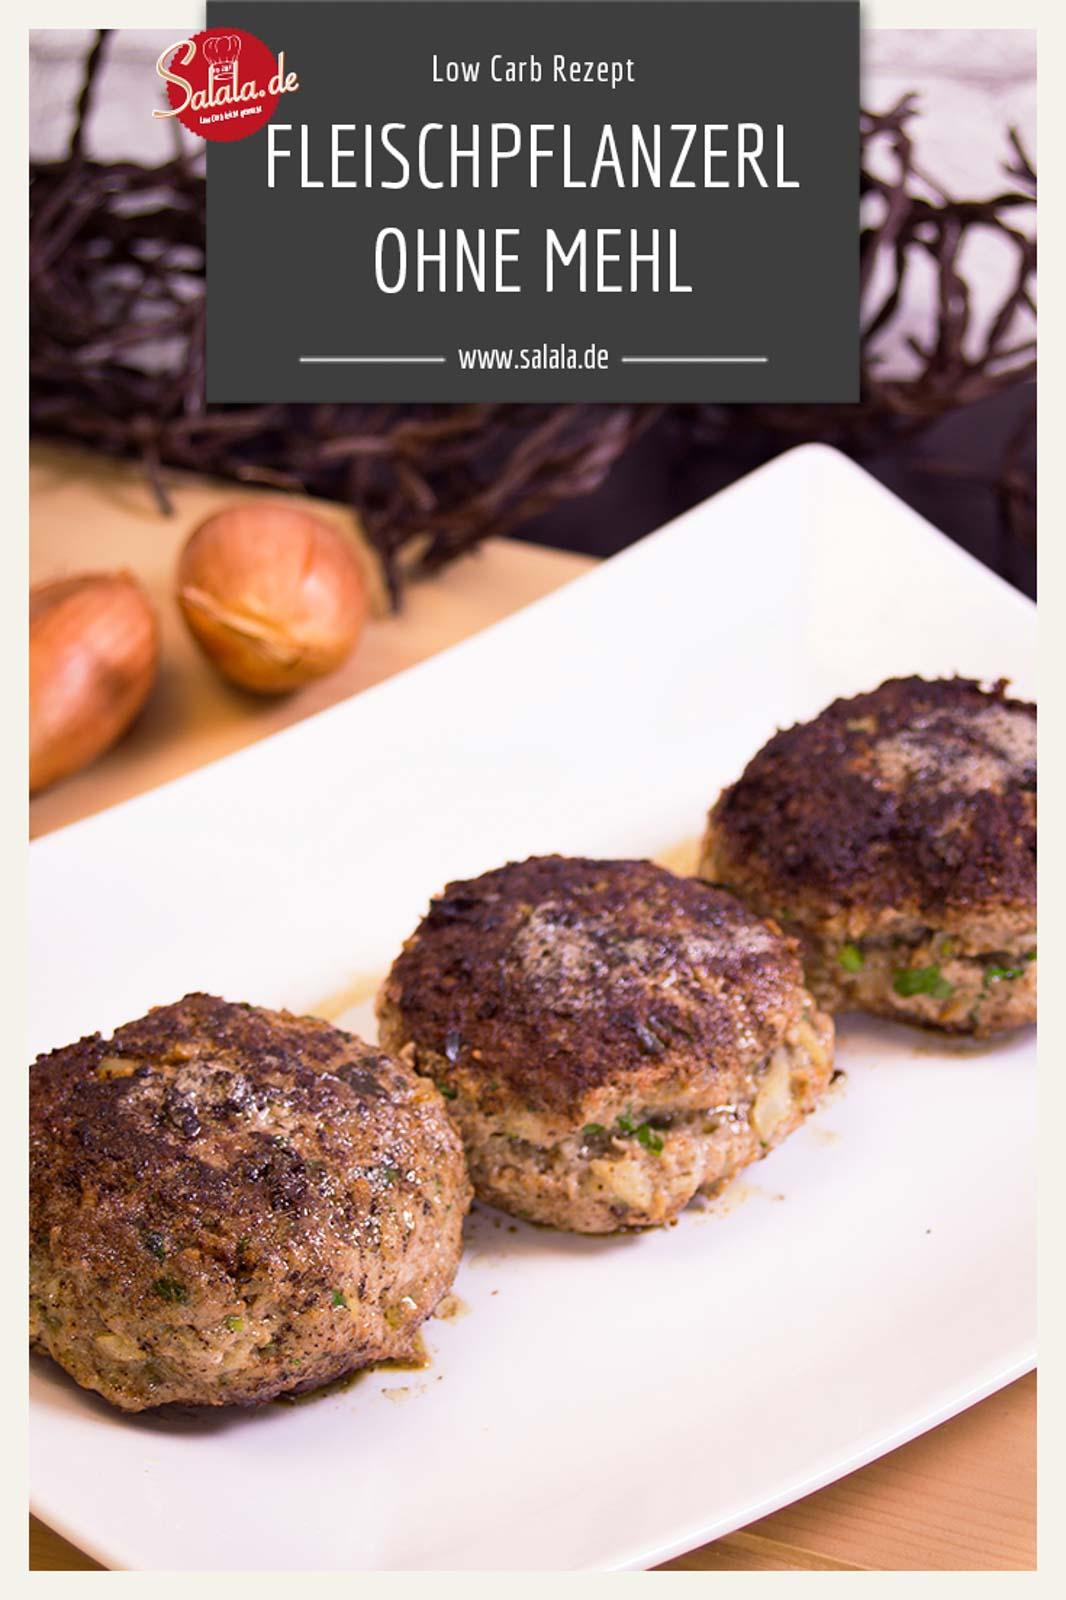 Leckere Low Carb Fleischkücherl ganz ohne Mehl und Brot. Sind super saftig und halten auch zusammen. #Fleischkücherl #Fleischpflanzerl #Buletten #lowcarb